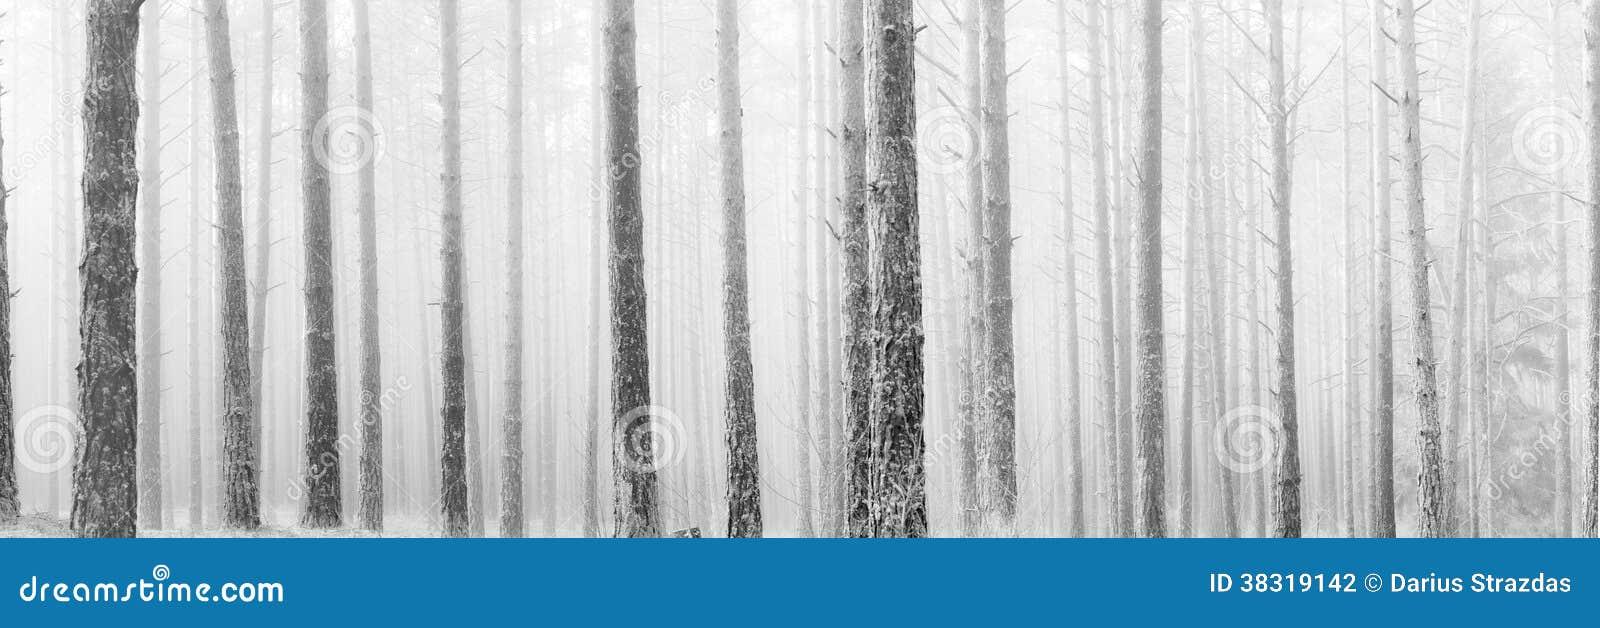 Pini nudi alti in nebbia di inverno